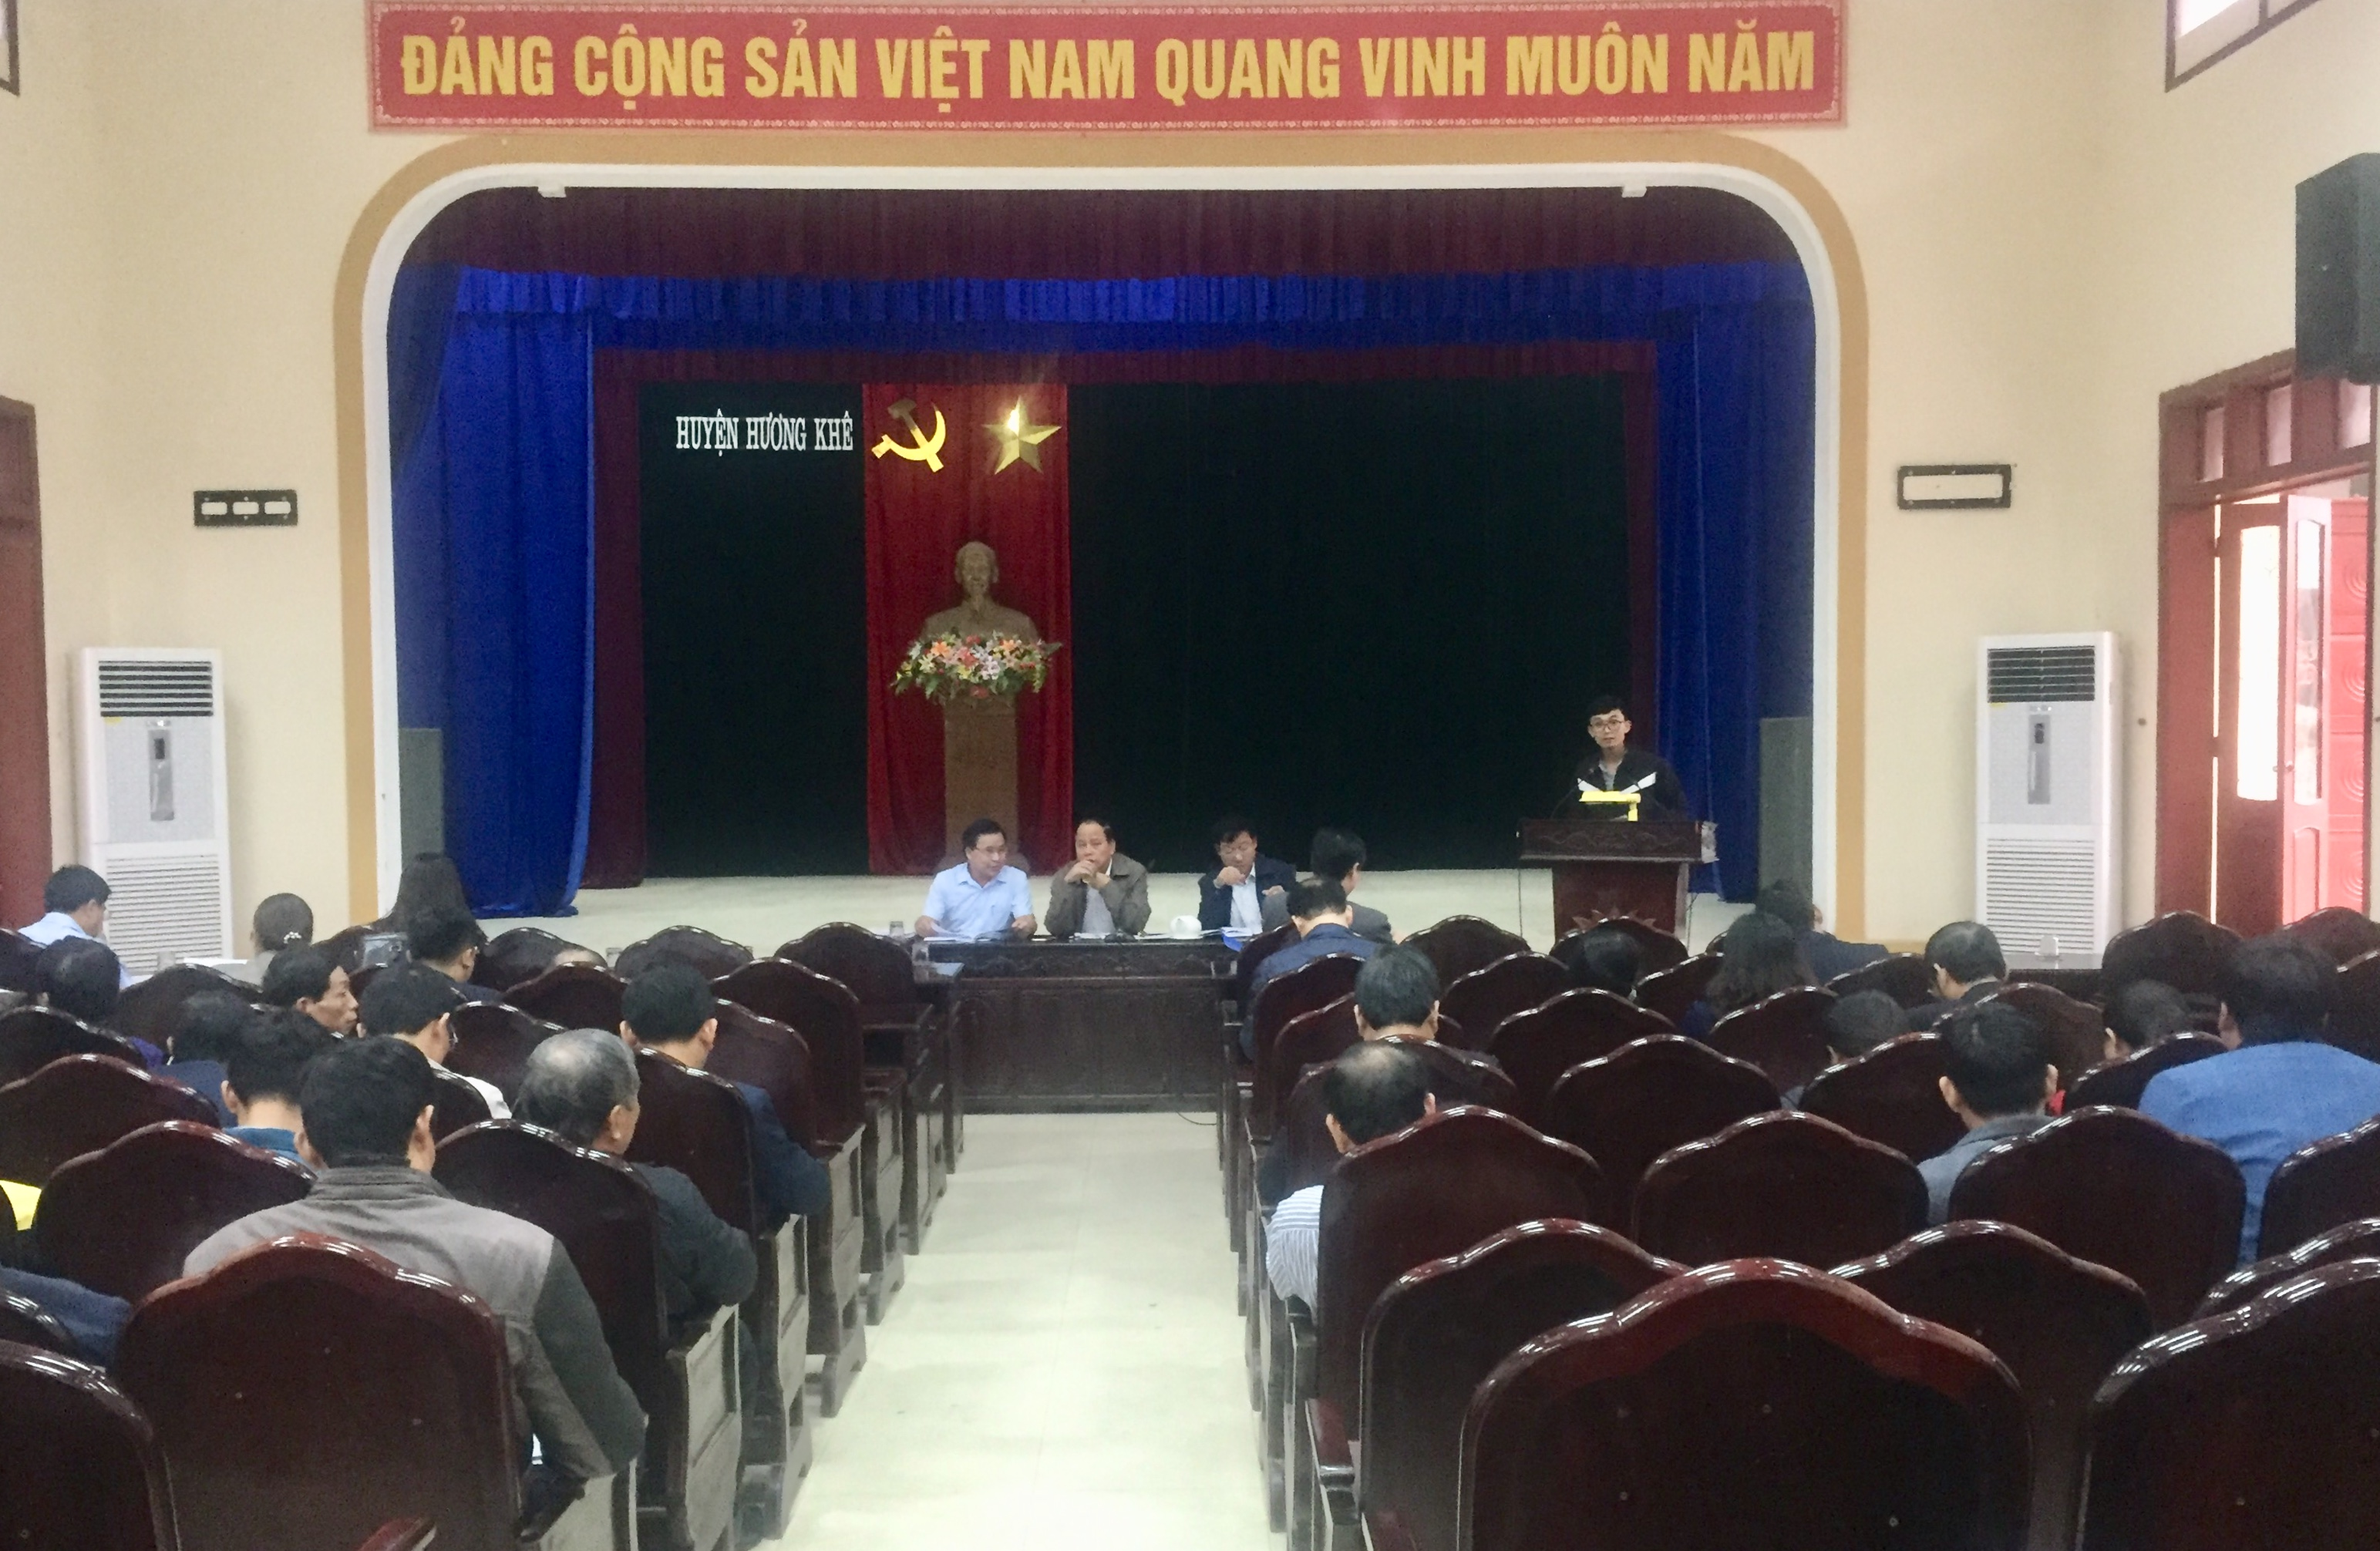 Ban chỉ đạo huyện làm việc với 04 xã phấn đấu đạt chuẩn nông thôn mới năm 2020